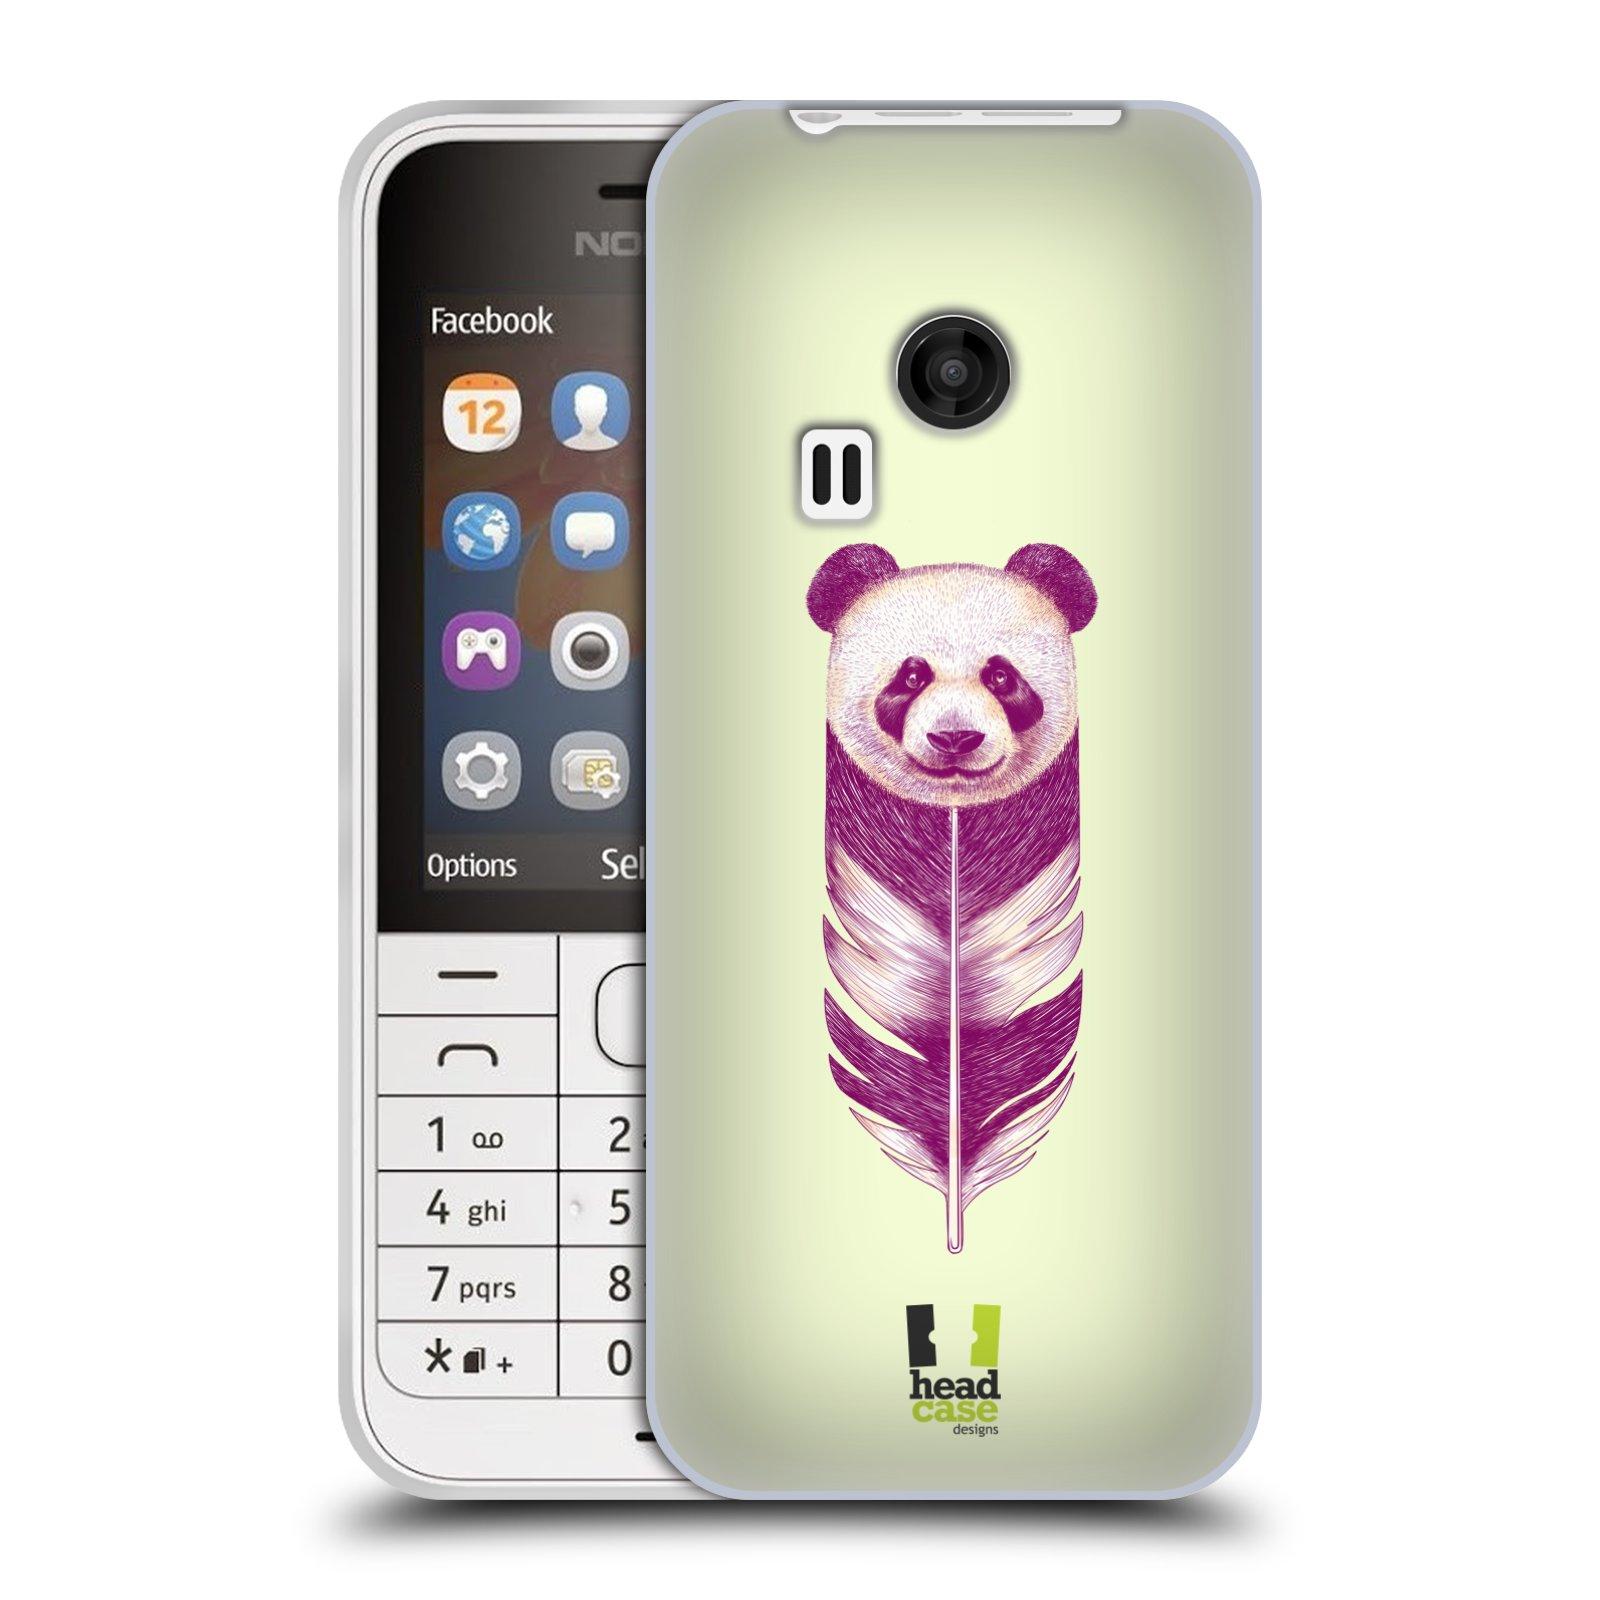 HEAD CASE silikonový obal na mobil NOKIA 220 / NOKIA 220 DUAL SIM vzor zvířecí pírka panda